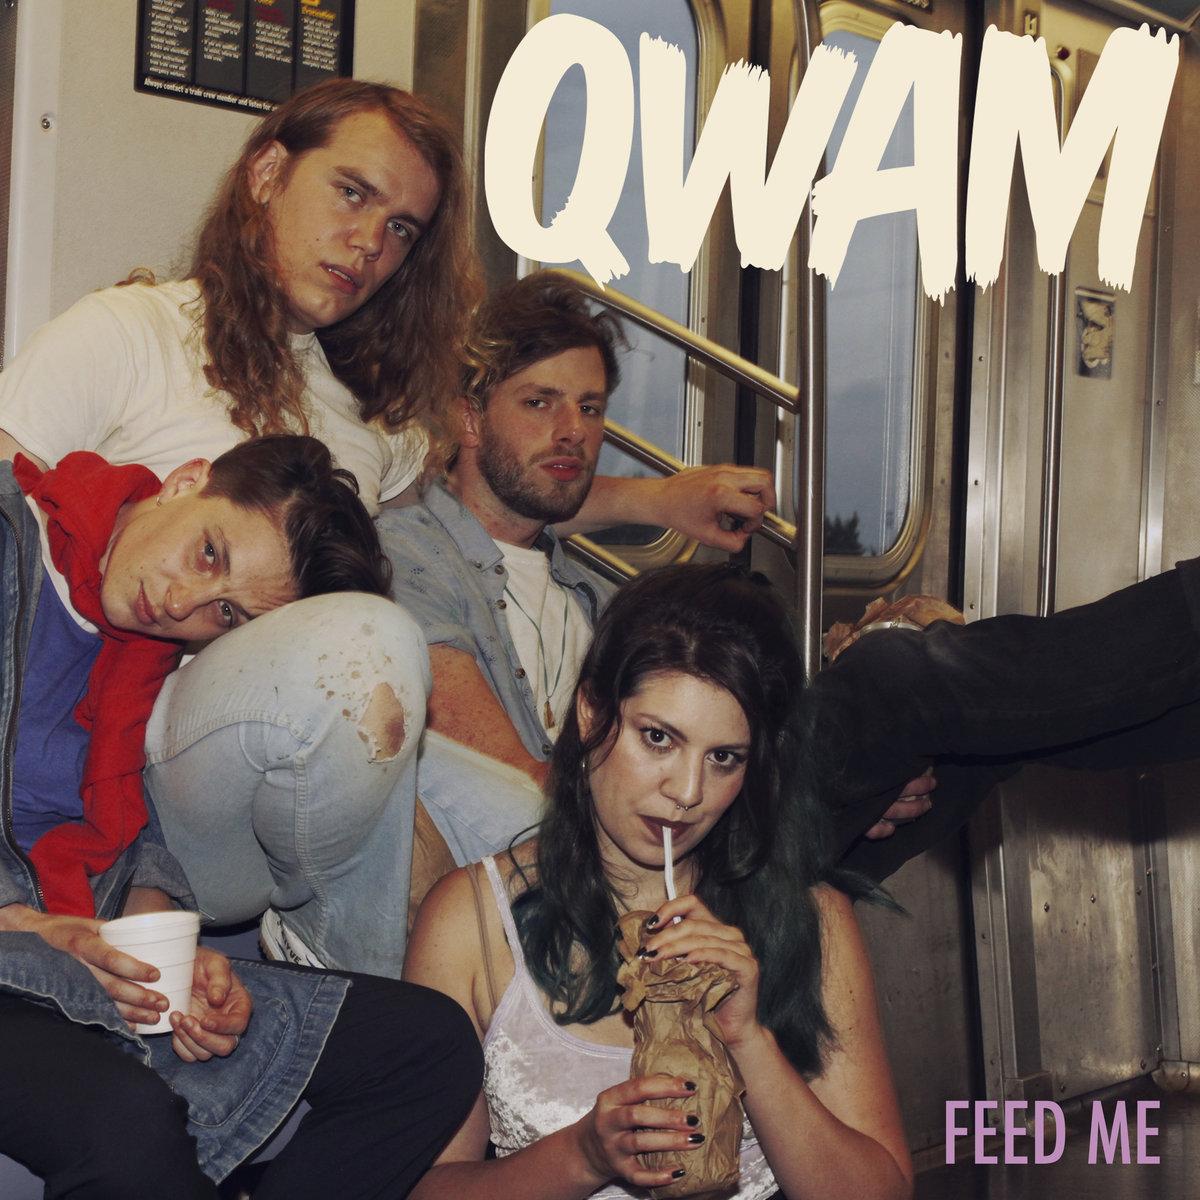 QWAM FM